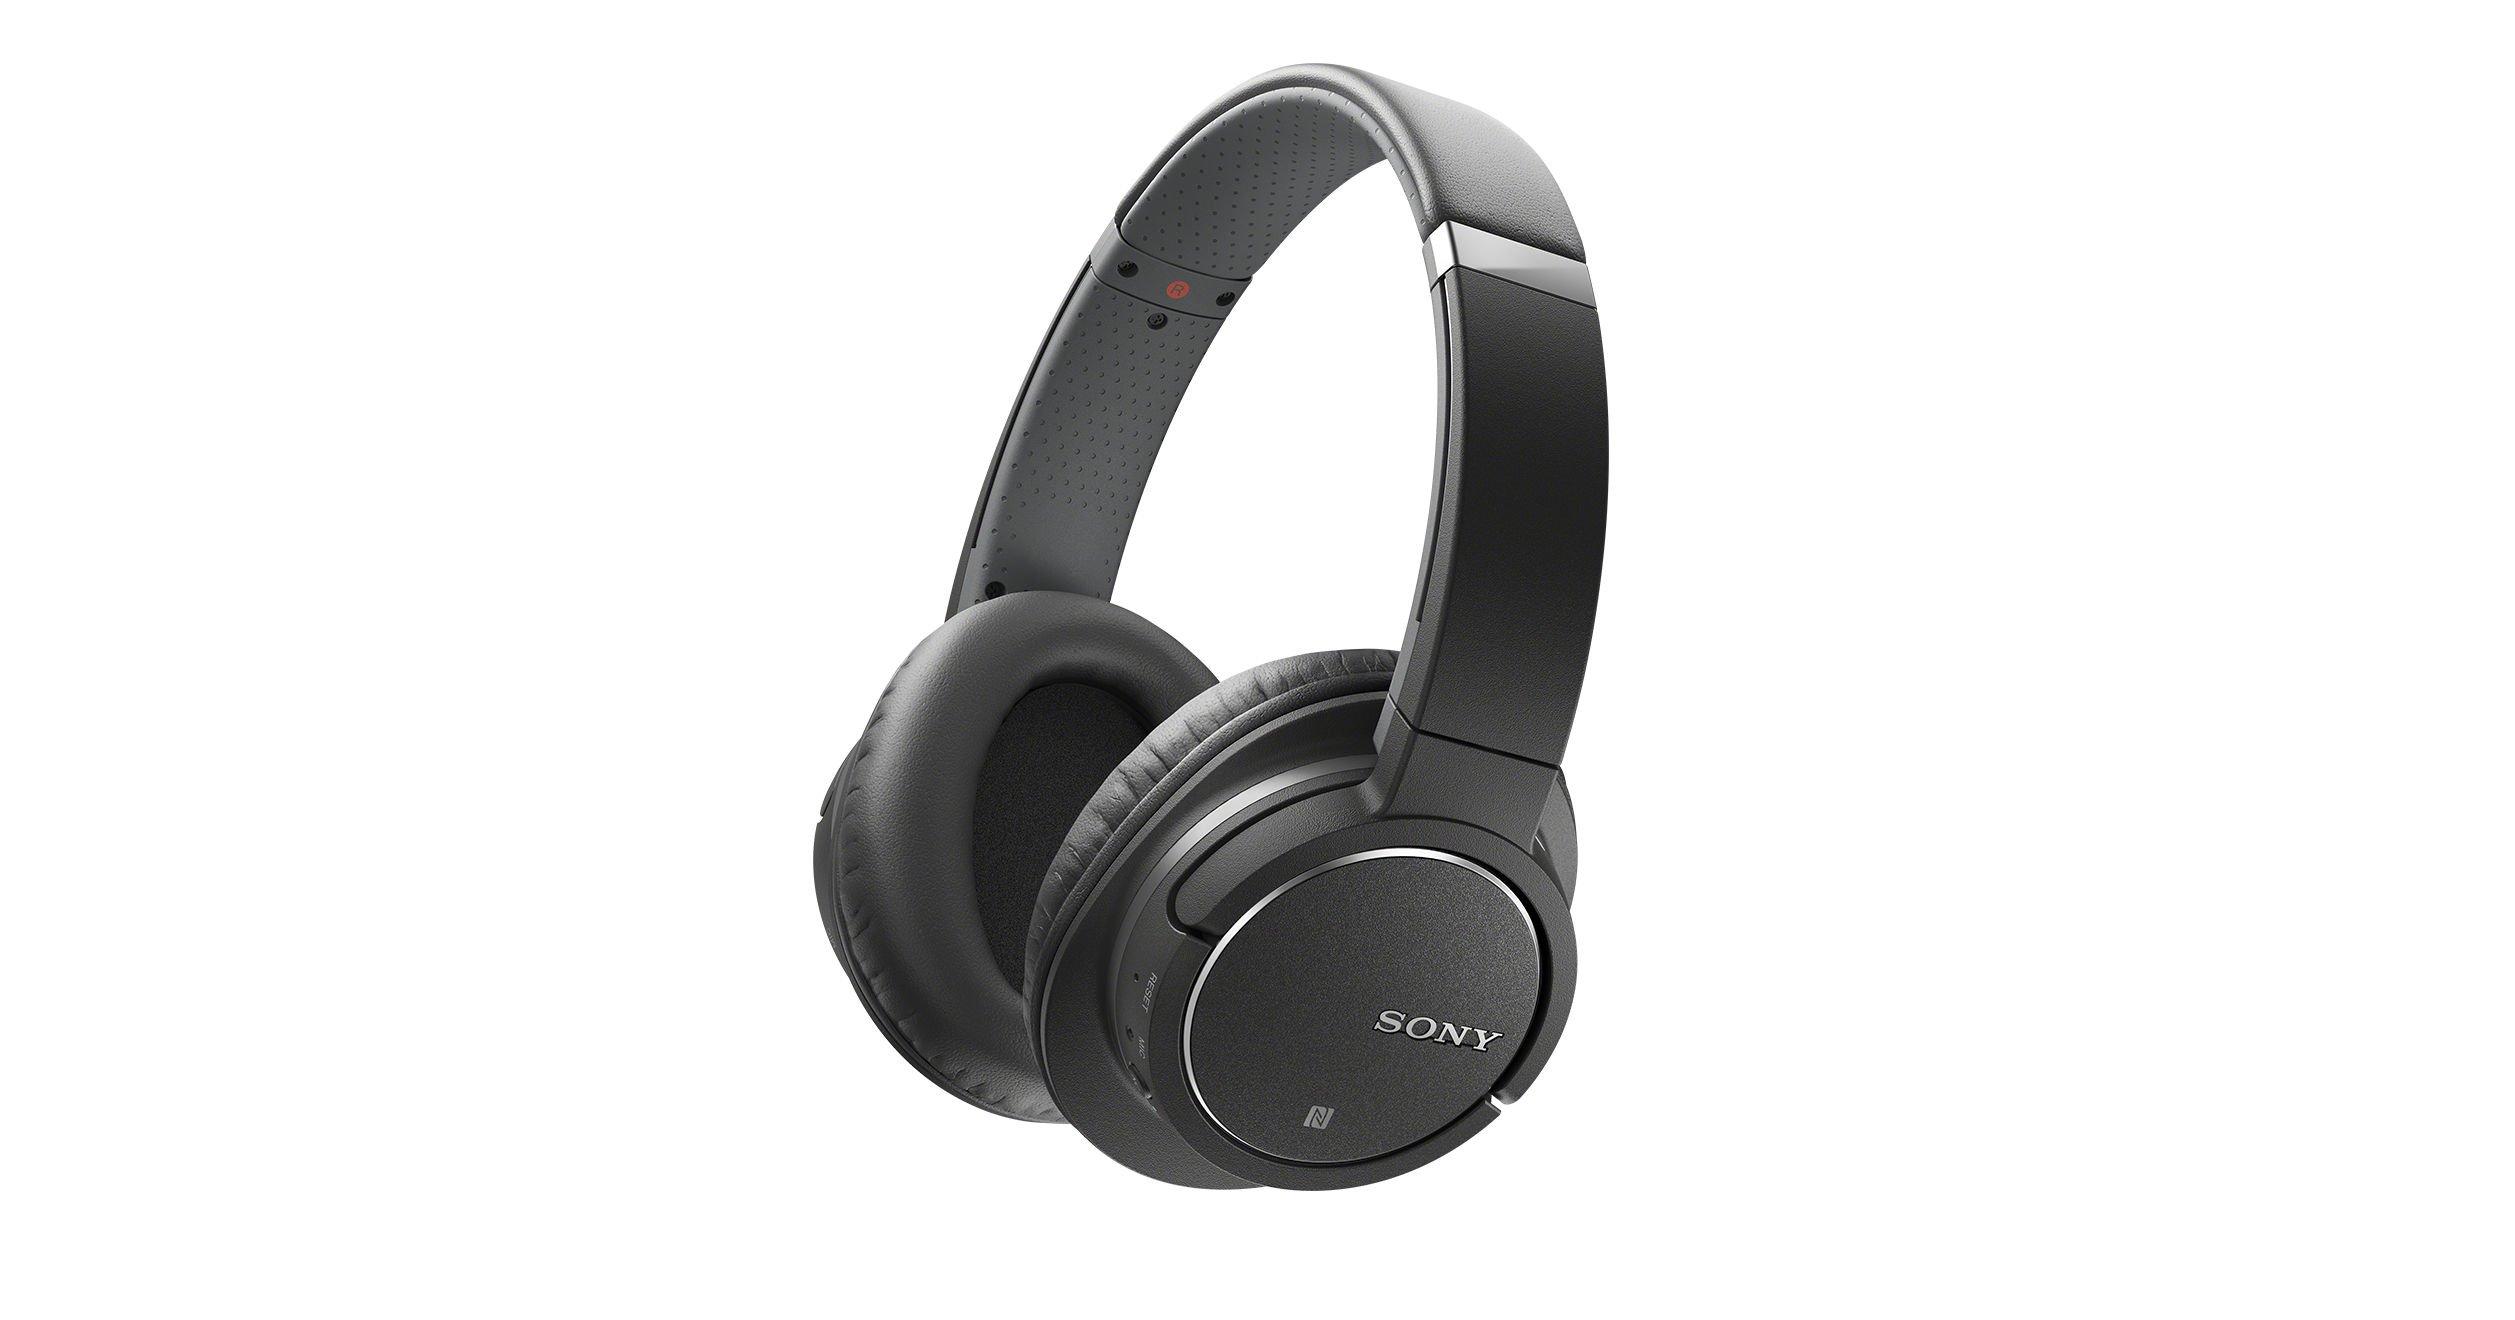 0ef9d440359608 Sony MDR-ZX770BN: Recensione, Prezzo e Specifiche > Cuffie.Pro